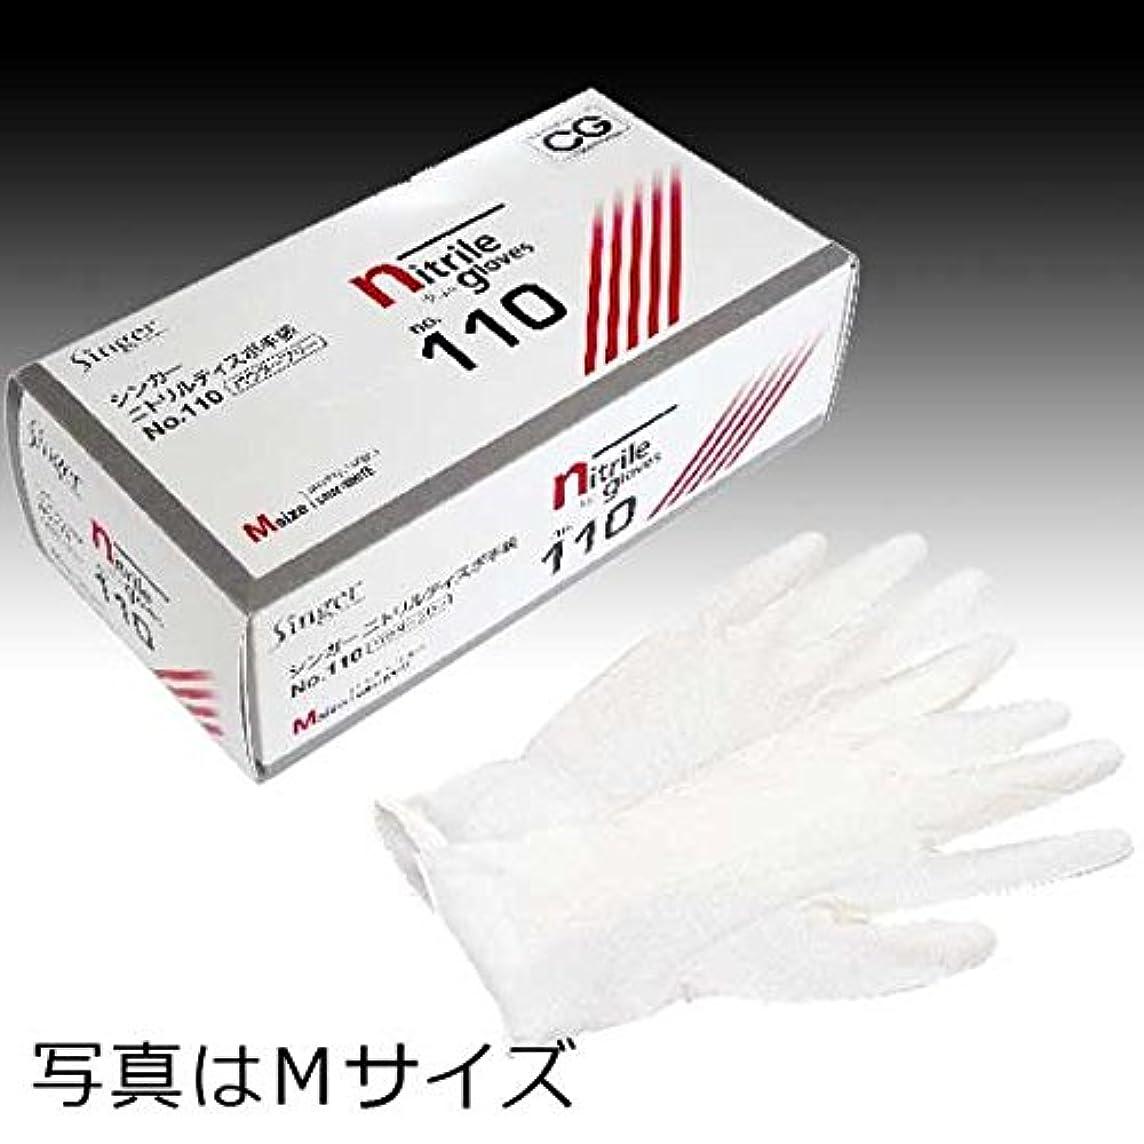 エリート抑制する登るシンガーニトリルディスポ No.100 使い捨て手袋 粉つき2000枚 (100枚入り×20箱) (L)